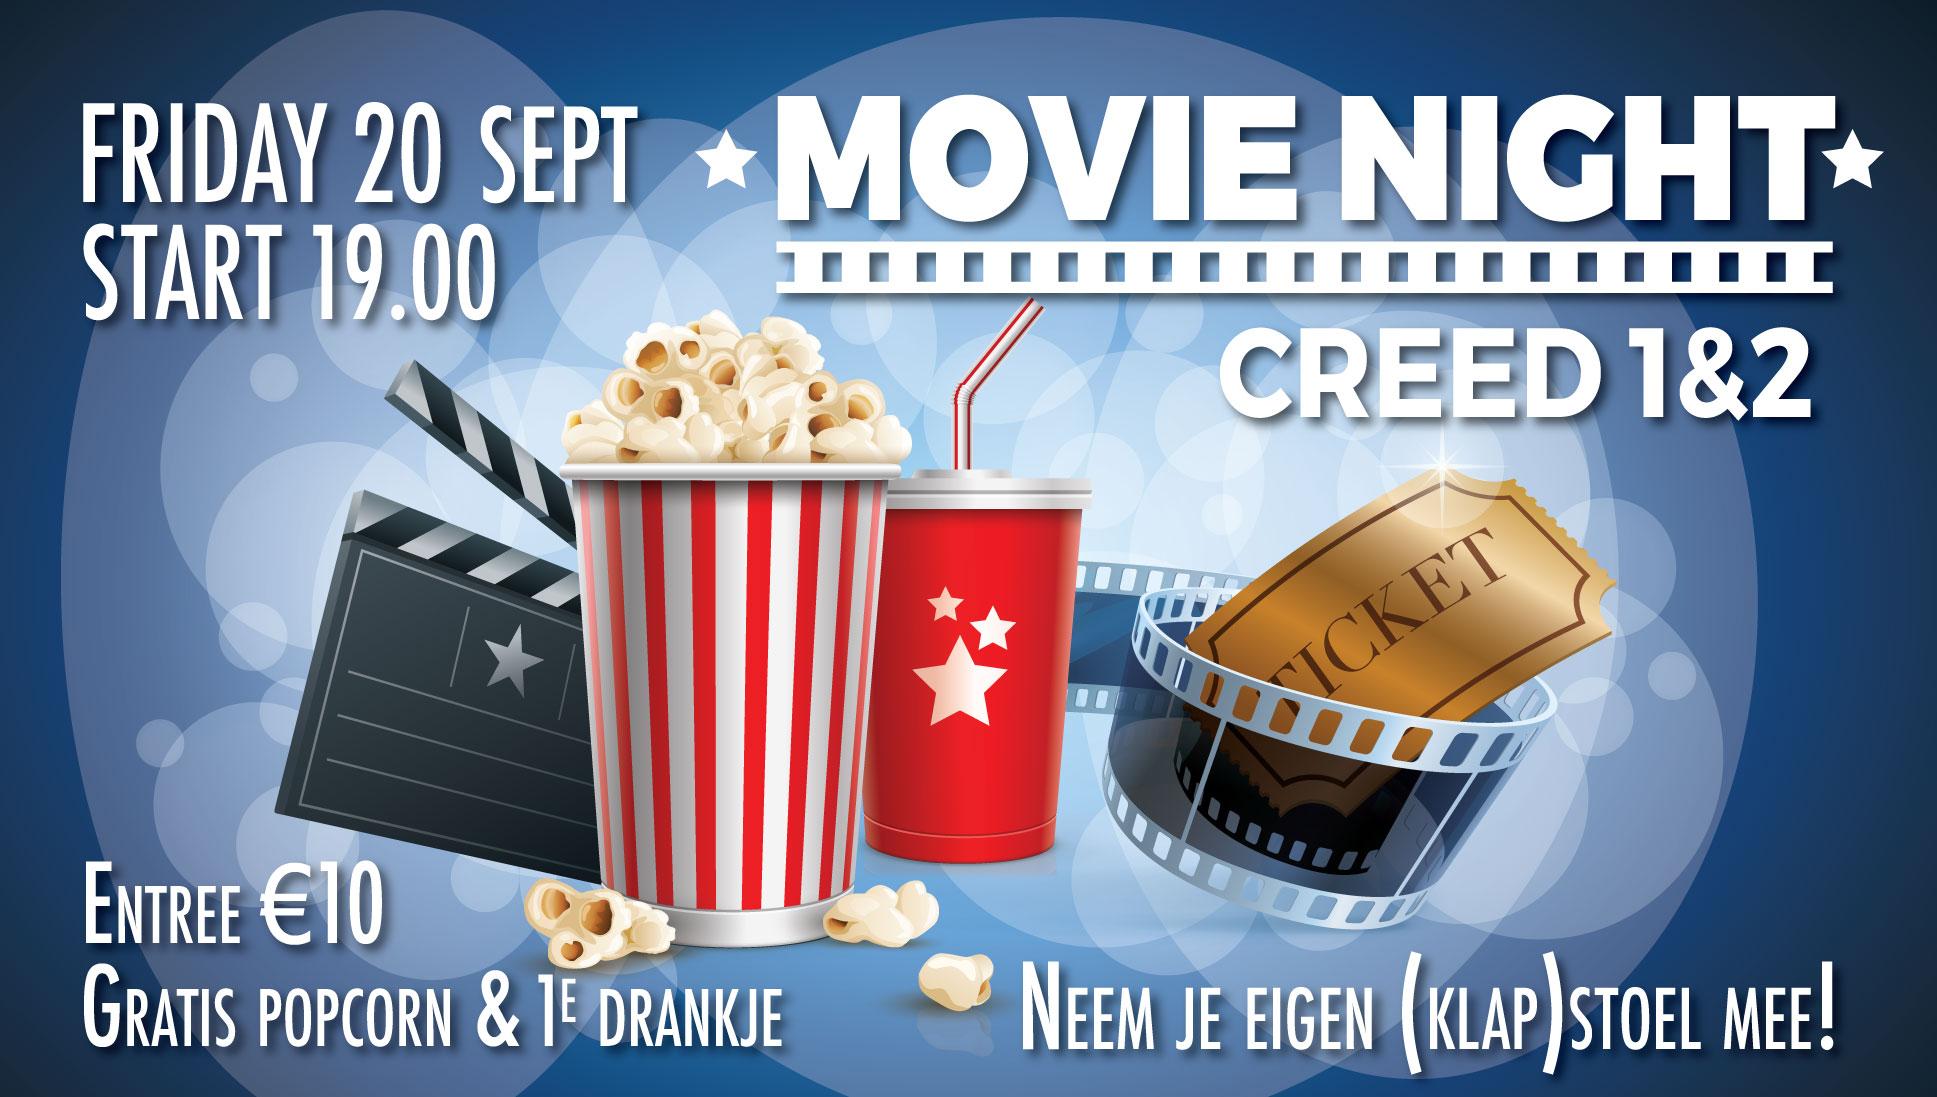 20 sept Movie Fight Night